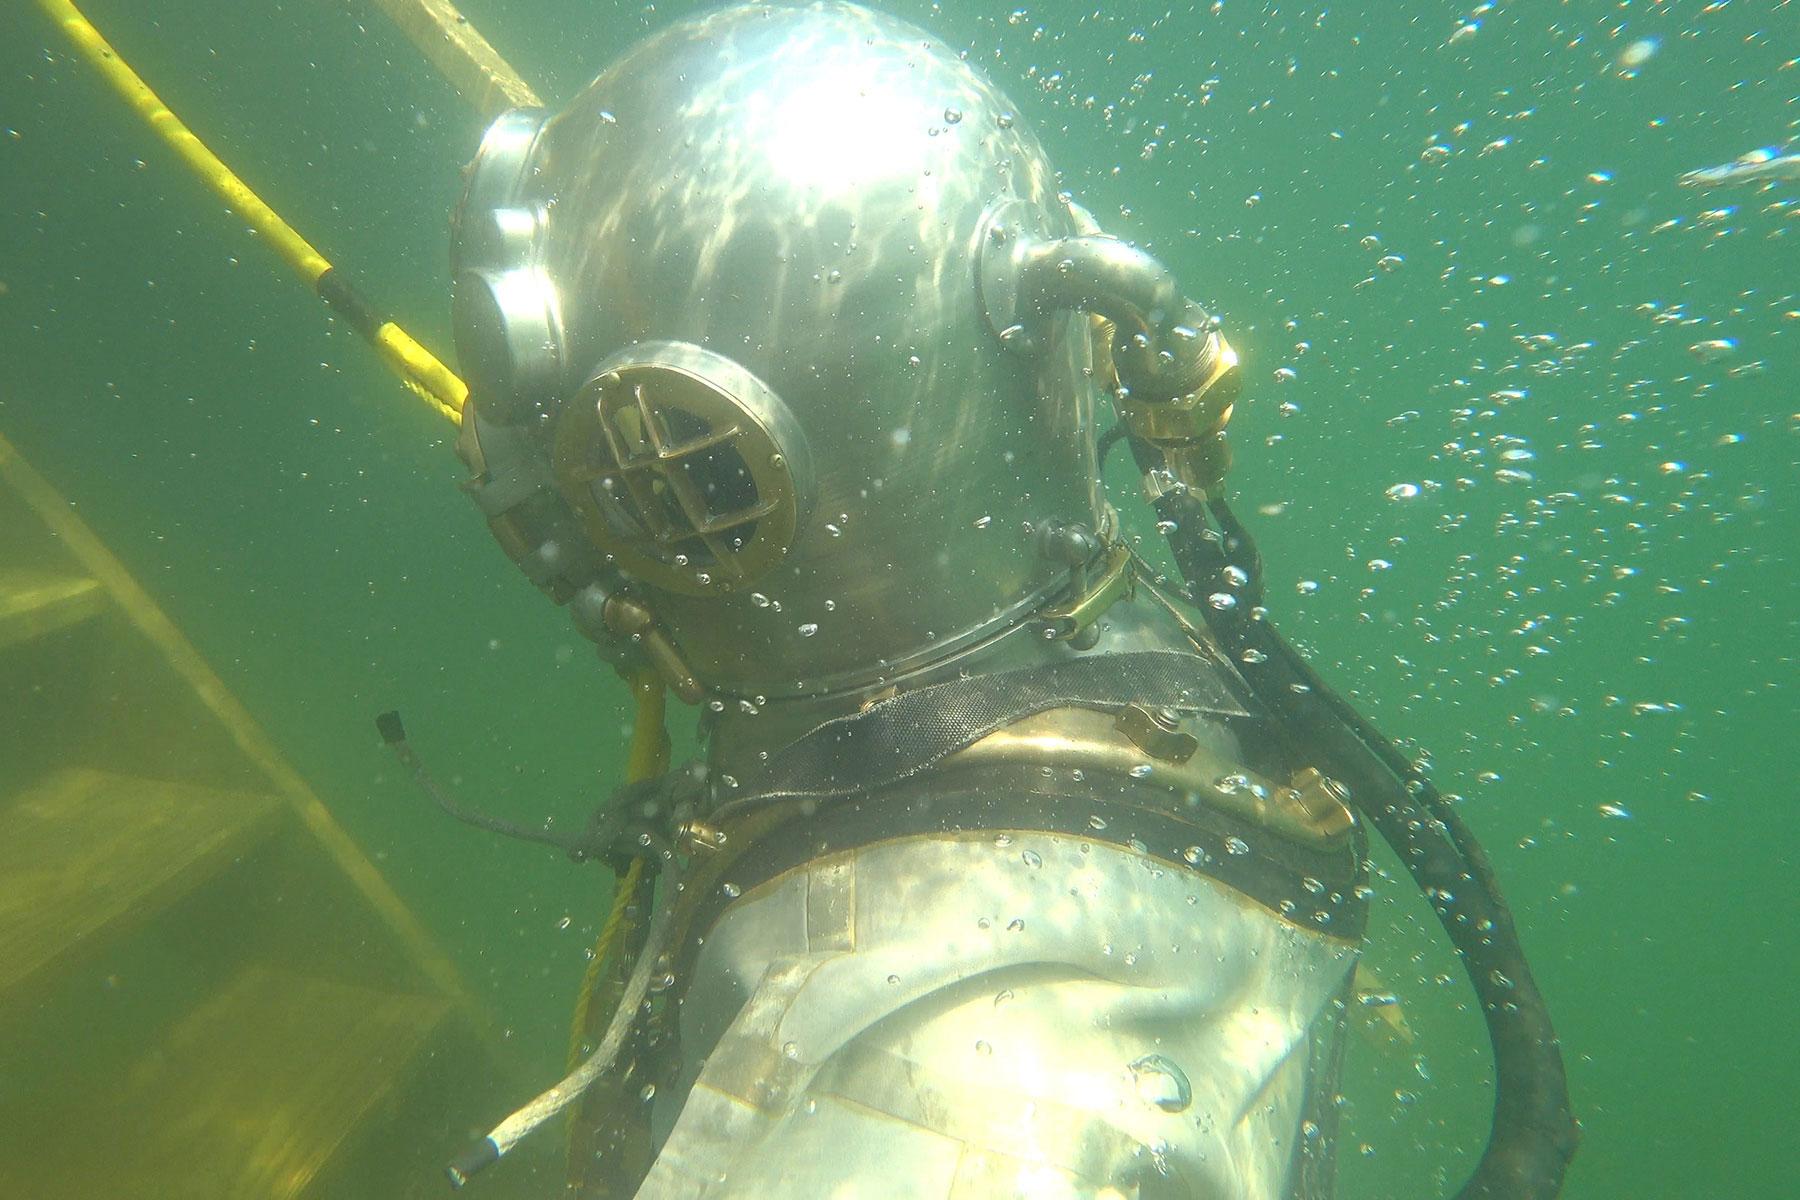 071218_classicdiving_4kstills_002